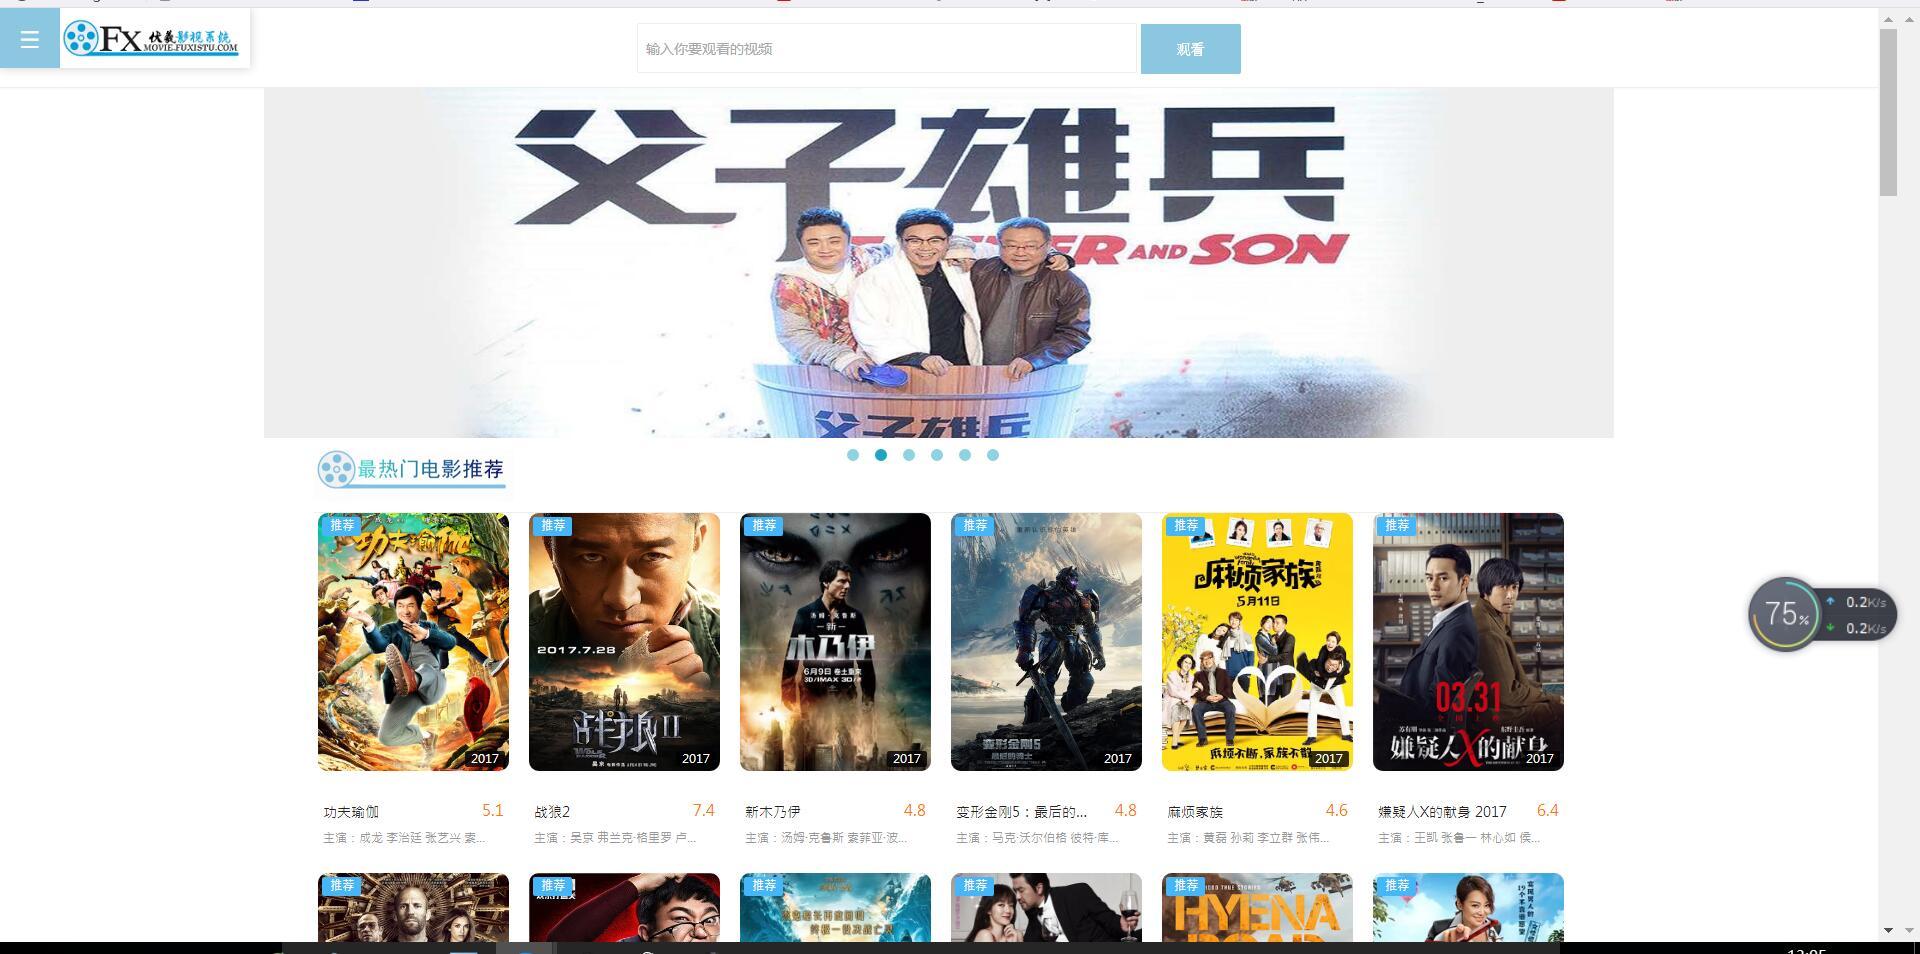 FX最新影视系统速度围观,新视觉